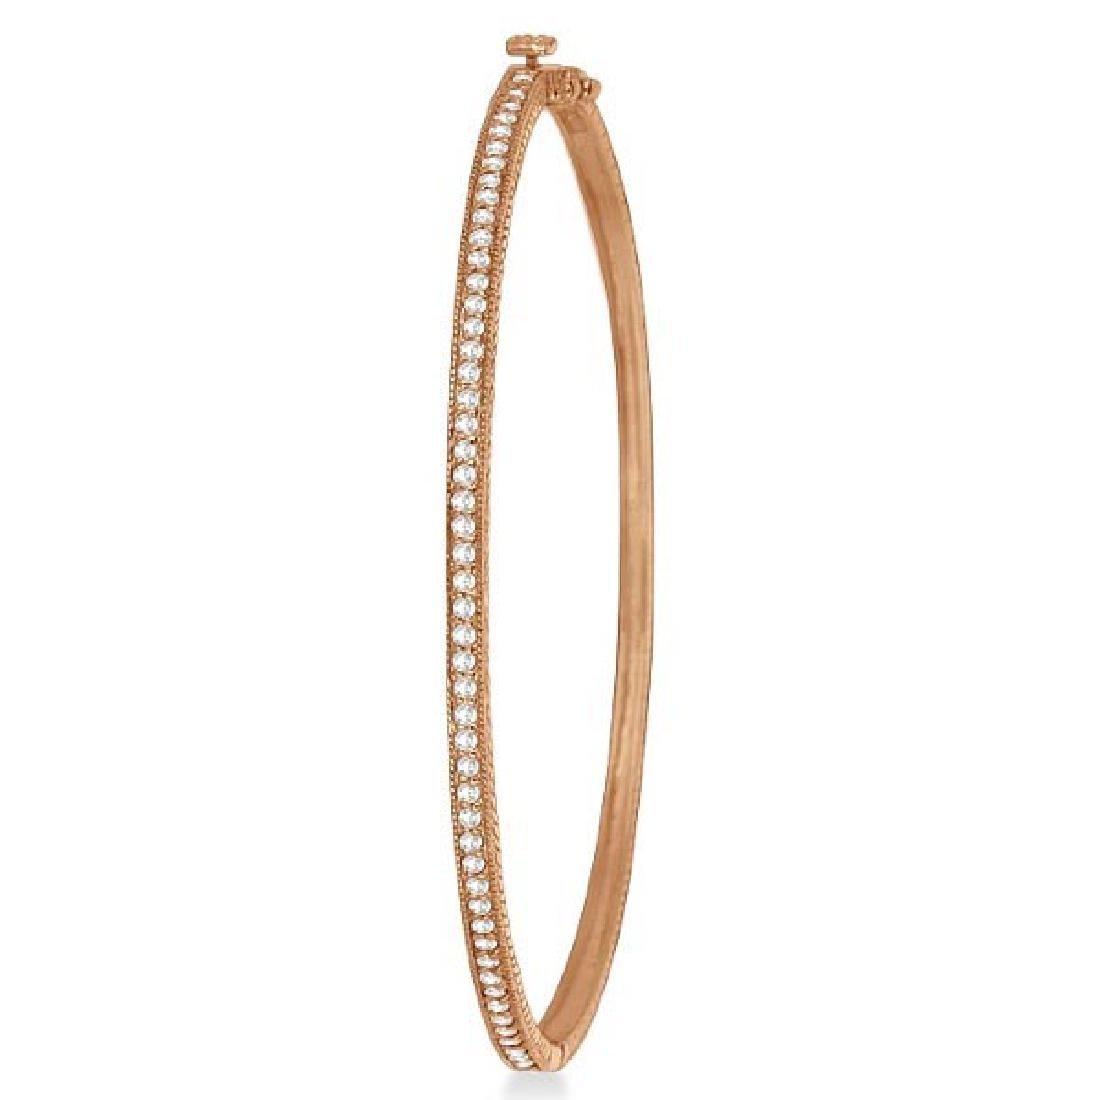 Milgrain Edged Diamond Bangle Bracelet 14k Rose Gold (0